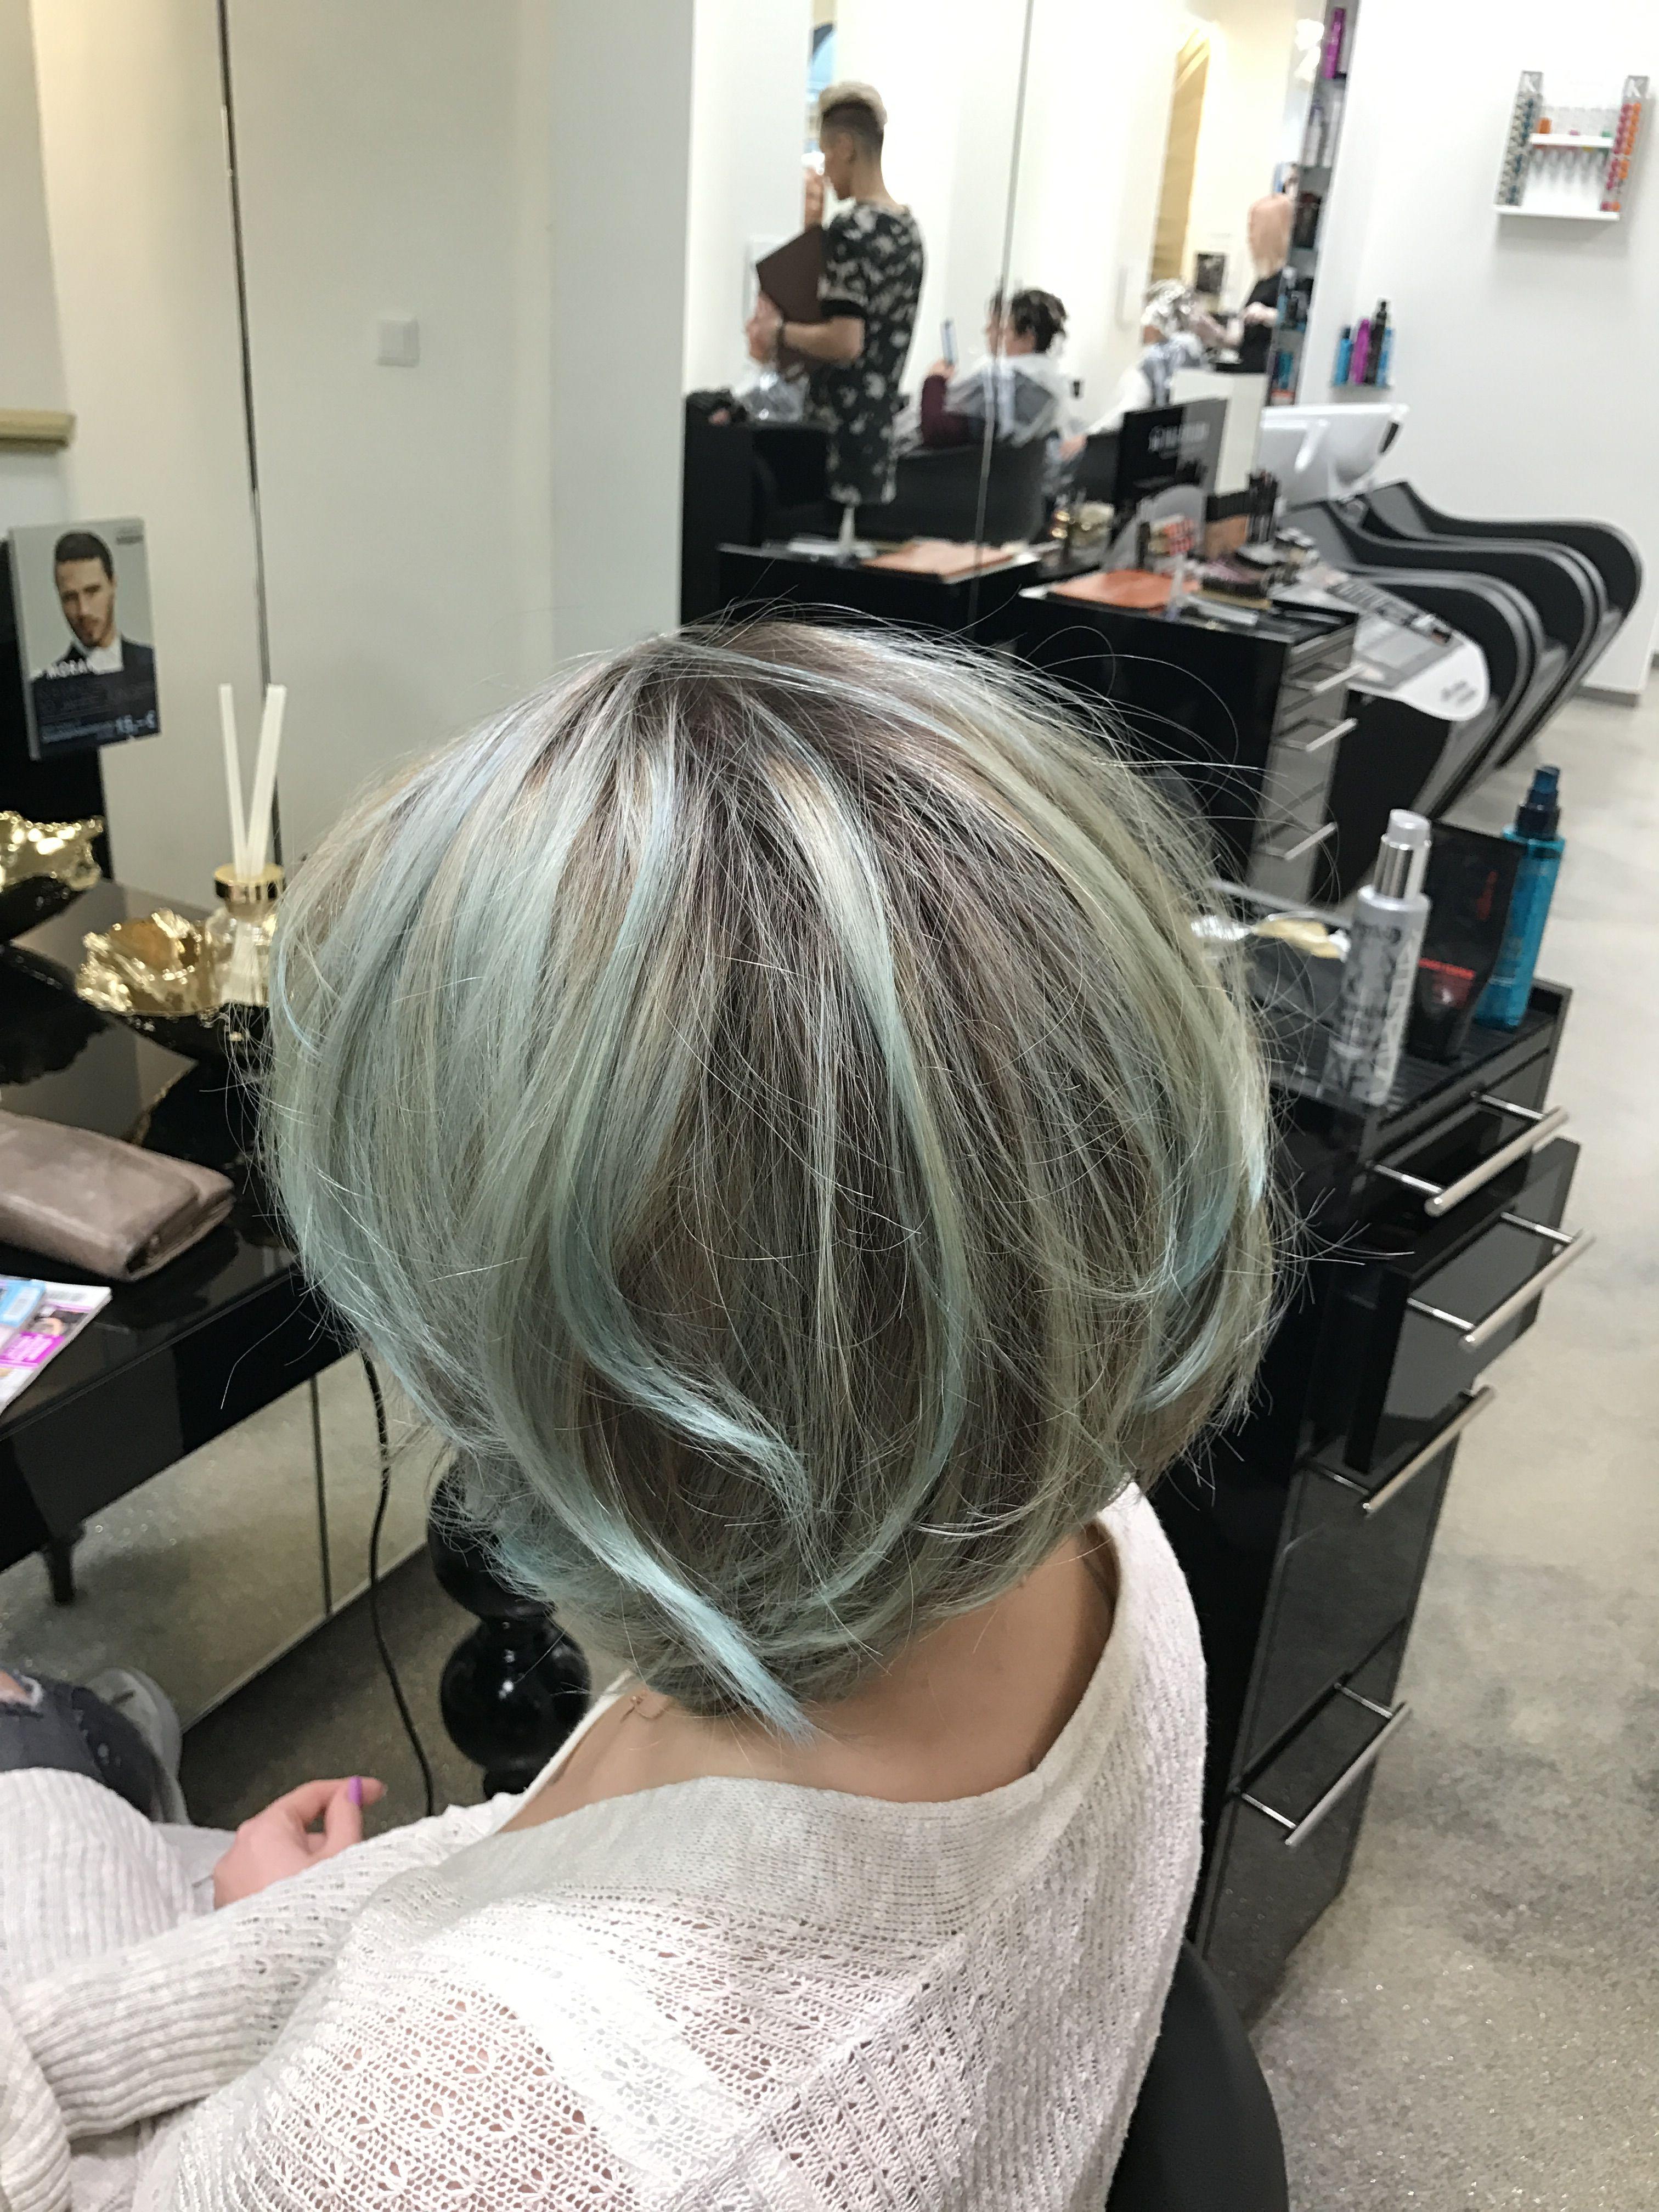 Pin Von Morantehair Auf Farbenfroh Friseure Haarfarben Friseur Essen